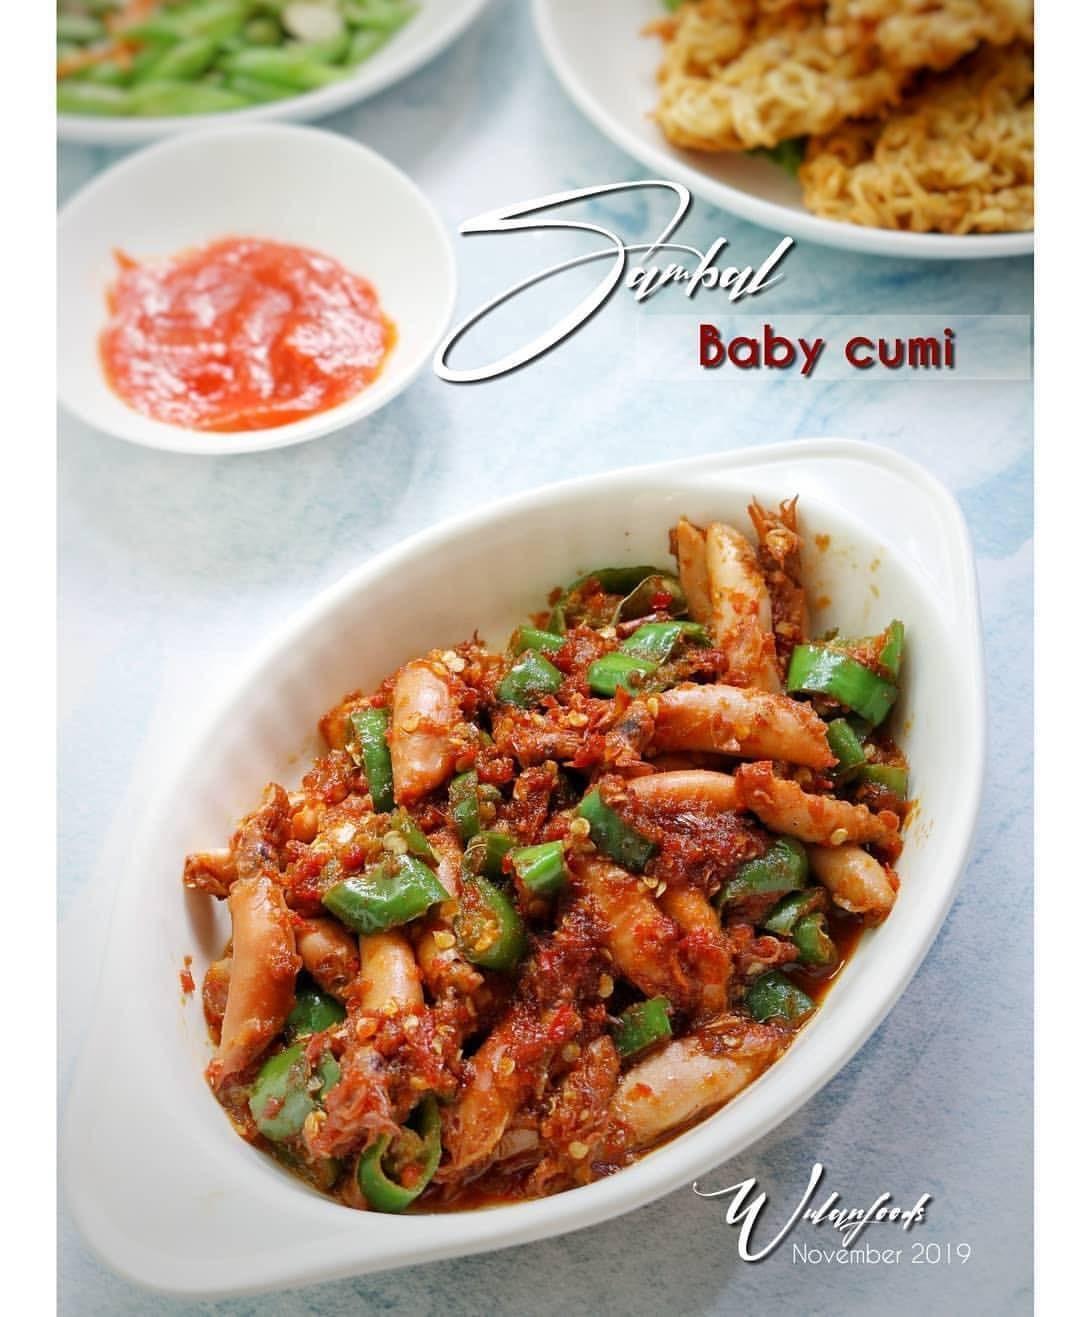 Resep Sambal Baby Cumi : resep, sambal, RecipEs_MaiN_CourSe